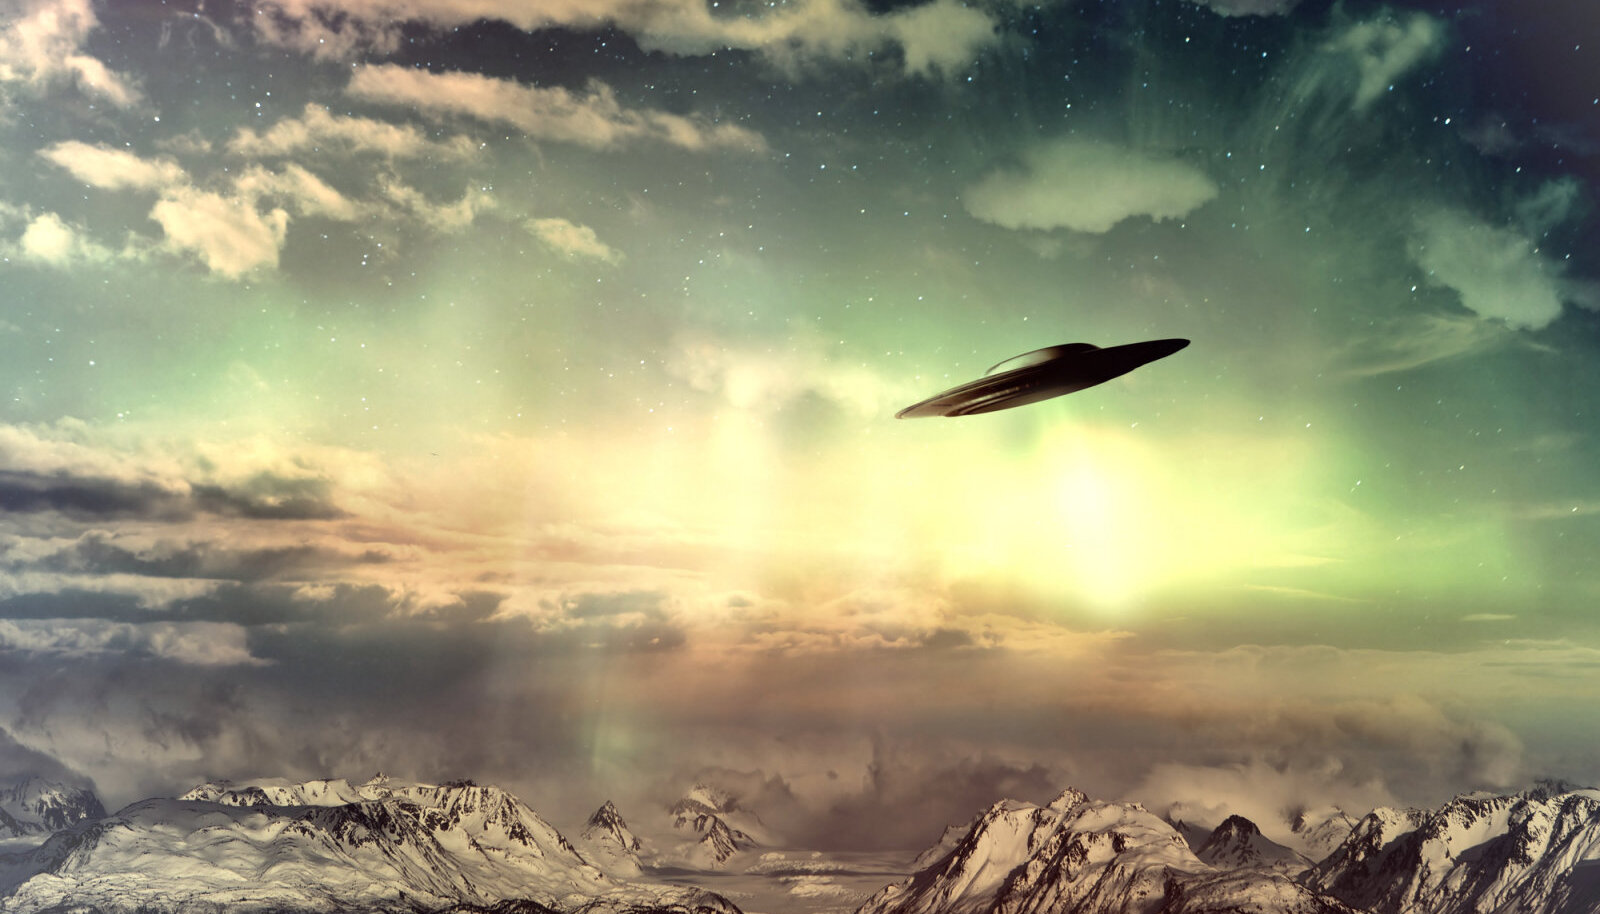 Kõige enam vaadeldud tundmatud lendavad objektid on olnud ümmargused, kettakujulised, kuplikujulise ülaosaga